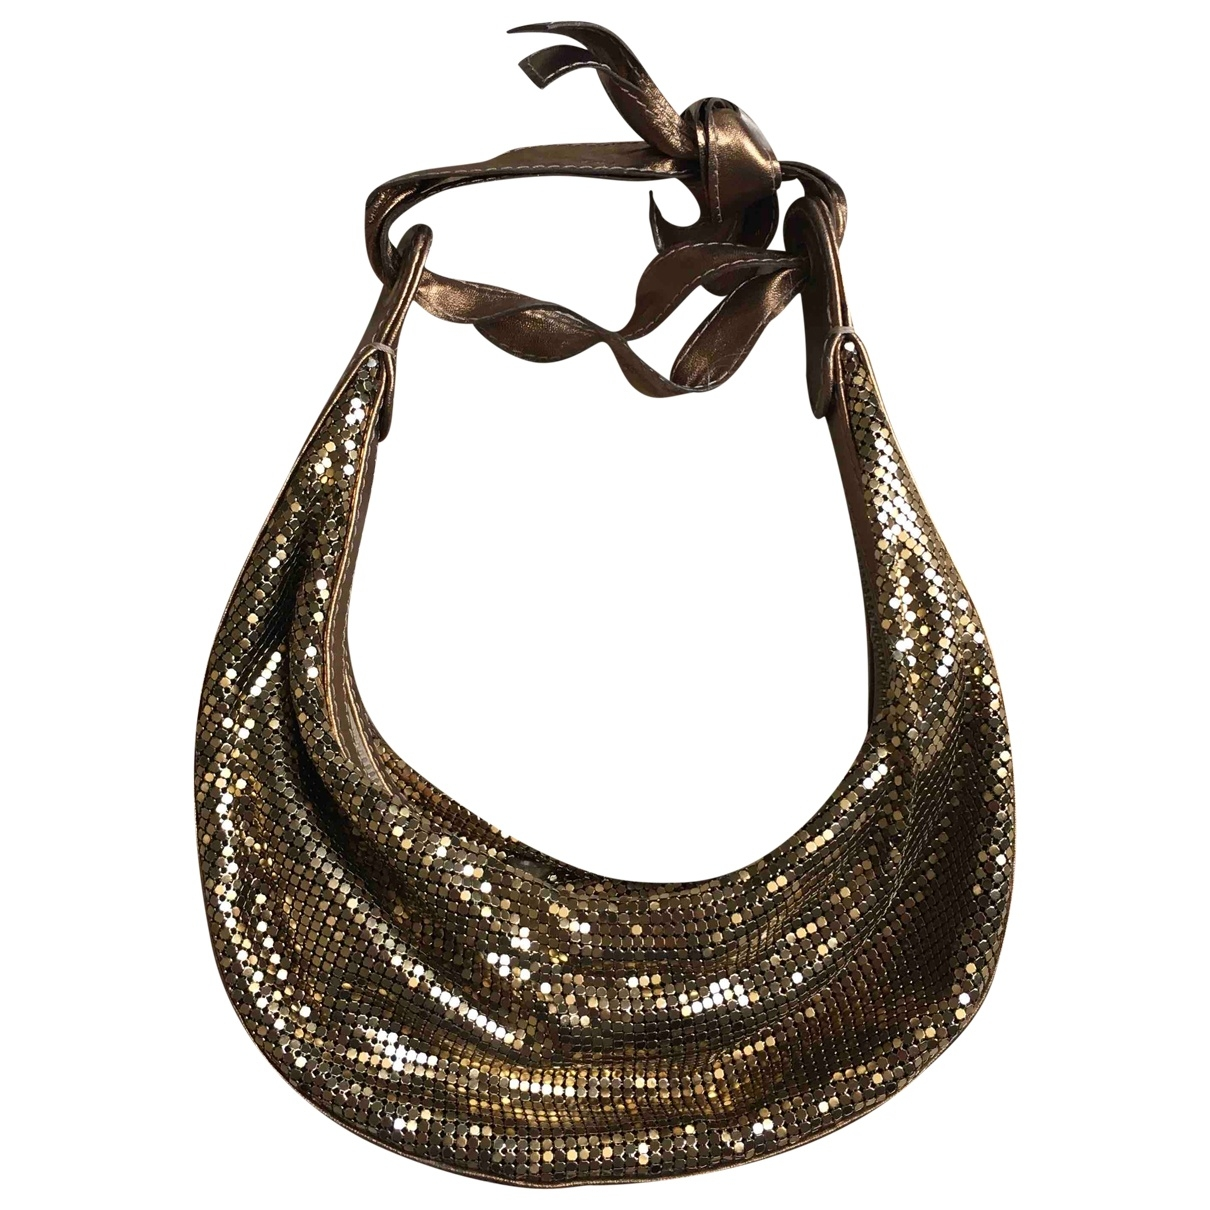 Chloé \N Gold Glitter handbag for Women \N